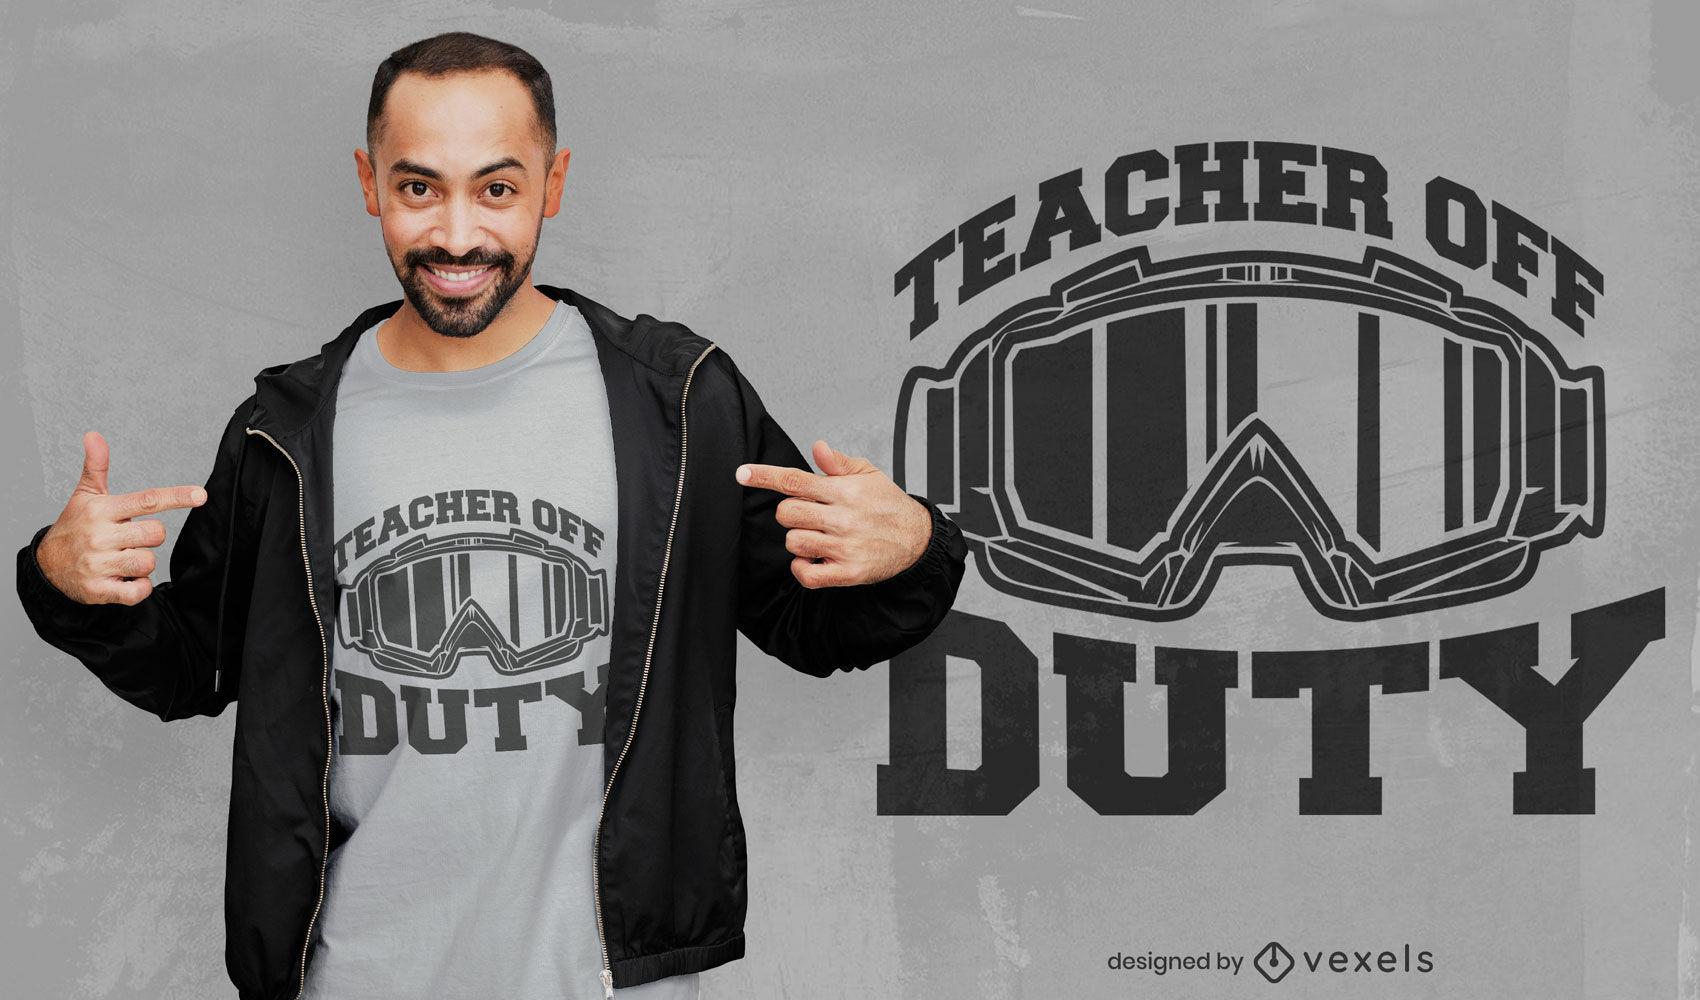 Diseño de camiseta de gafas de profesor fuera de servicio.